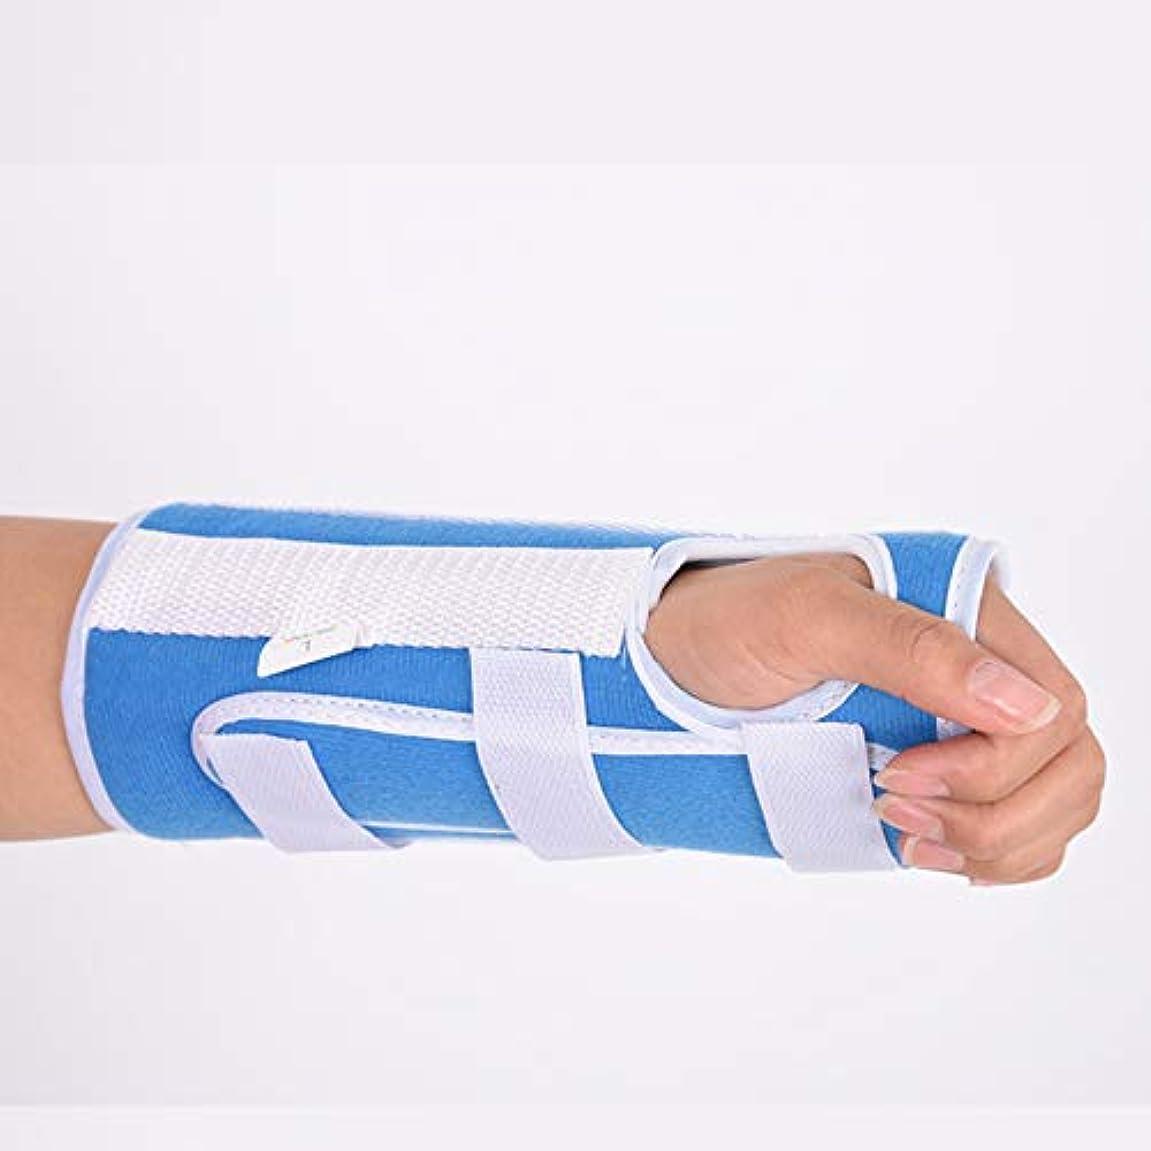 正気ジャンクションイデオロギー手根管用手首装具、関節炎および腱炎用の快適で調整可能な手首支持装具、左手と右手の両方に適合,S